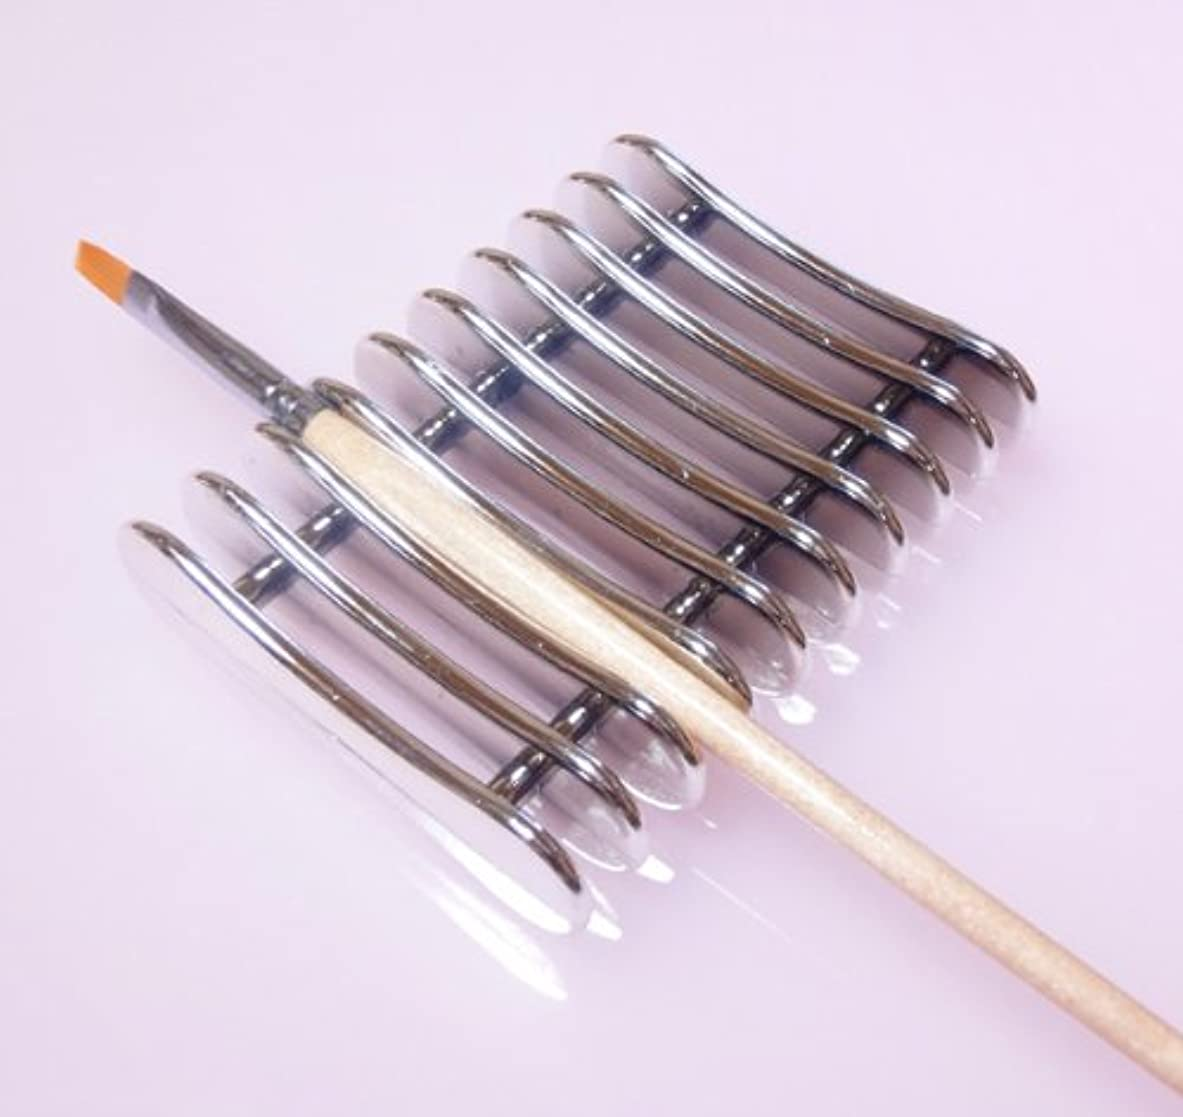 やめる破壊的リーガンネイルブラシホルダー ブラシスタンド ジェルネイル筆置き ネイル用品